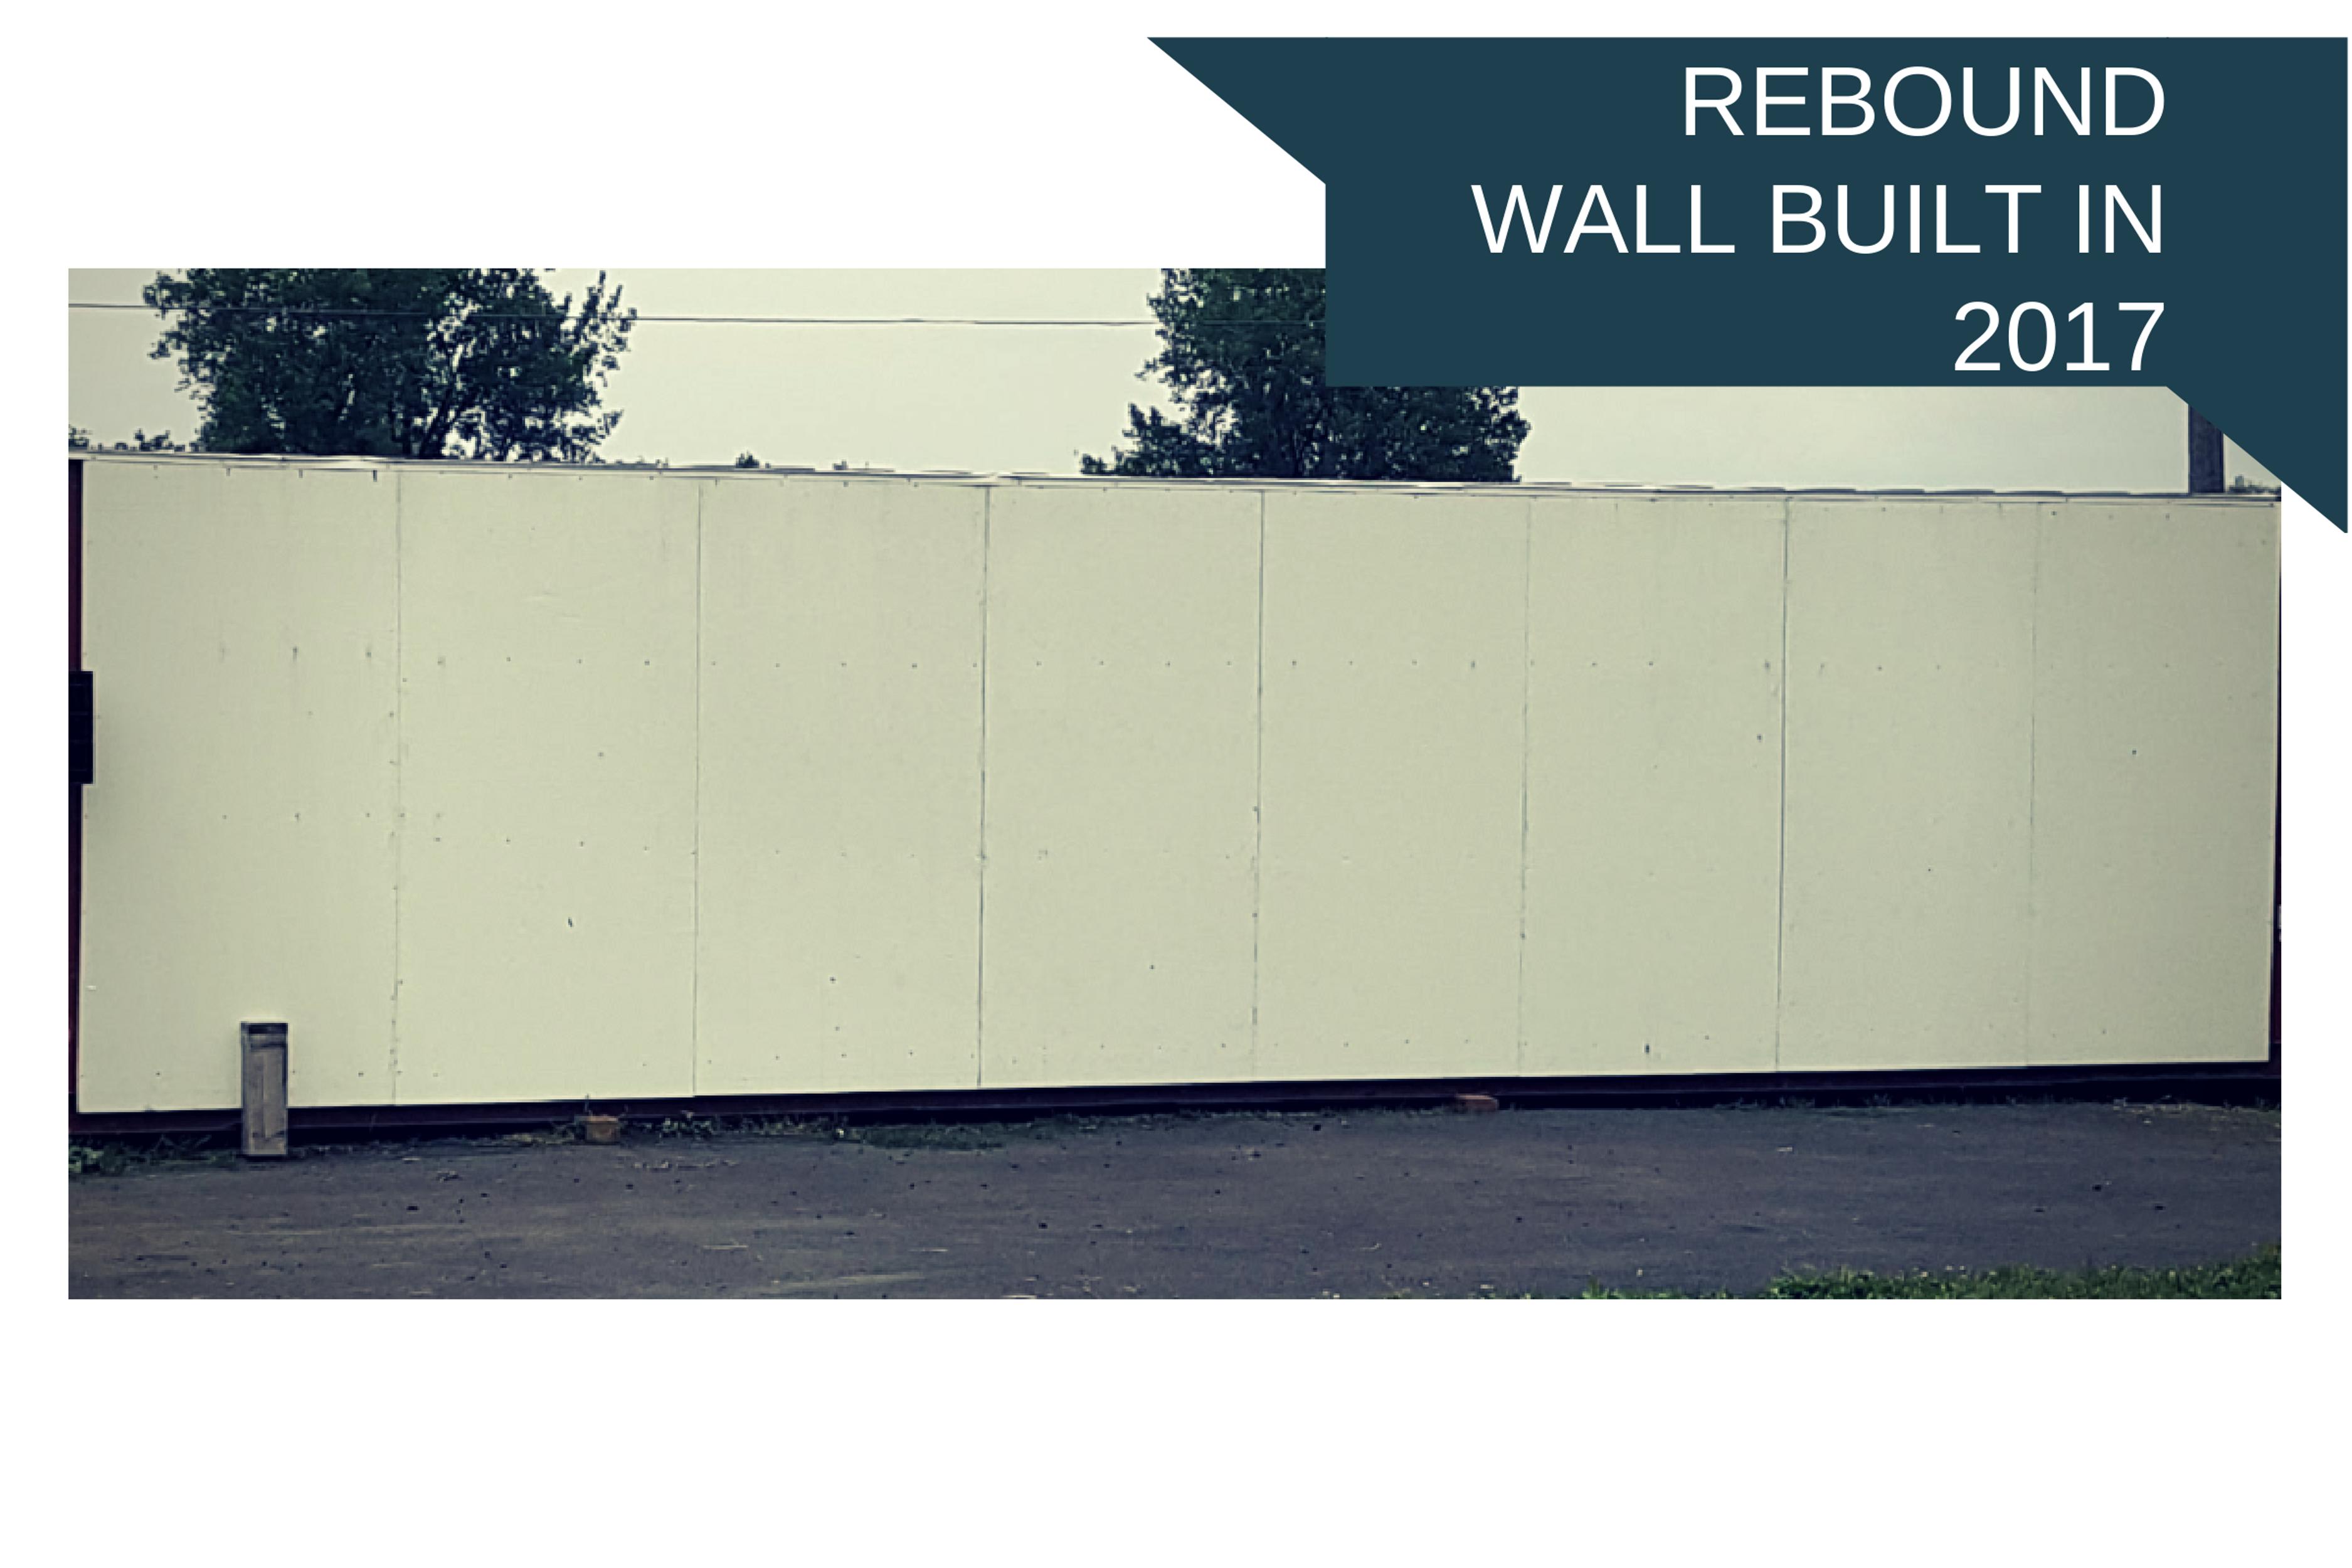 Rebound Wall